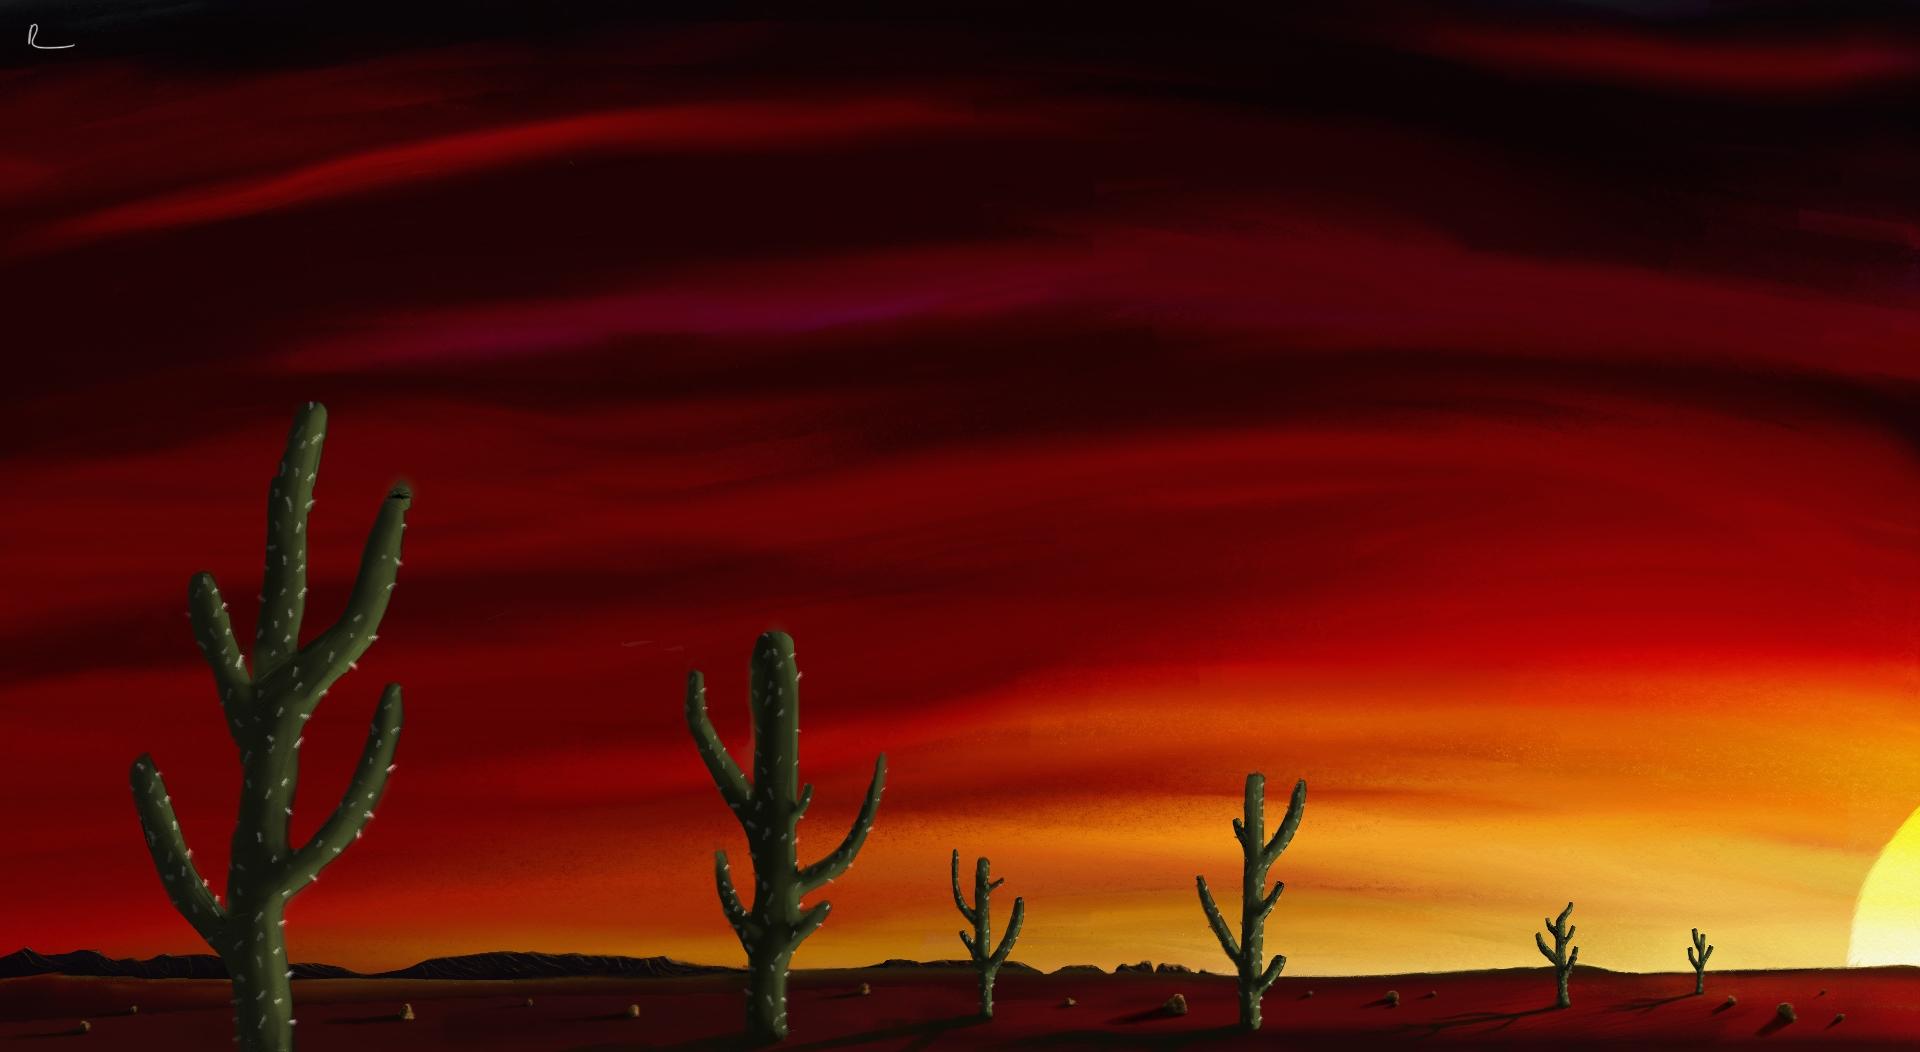 In The Desert clipart desert sunset Sunset Sunset by by on